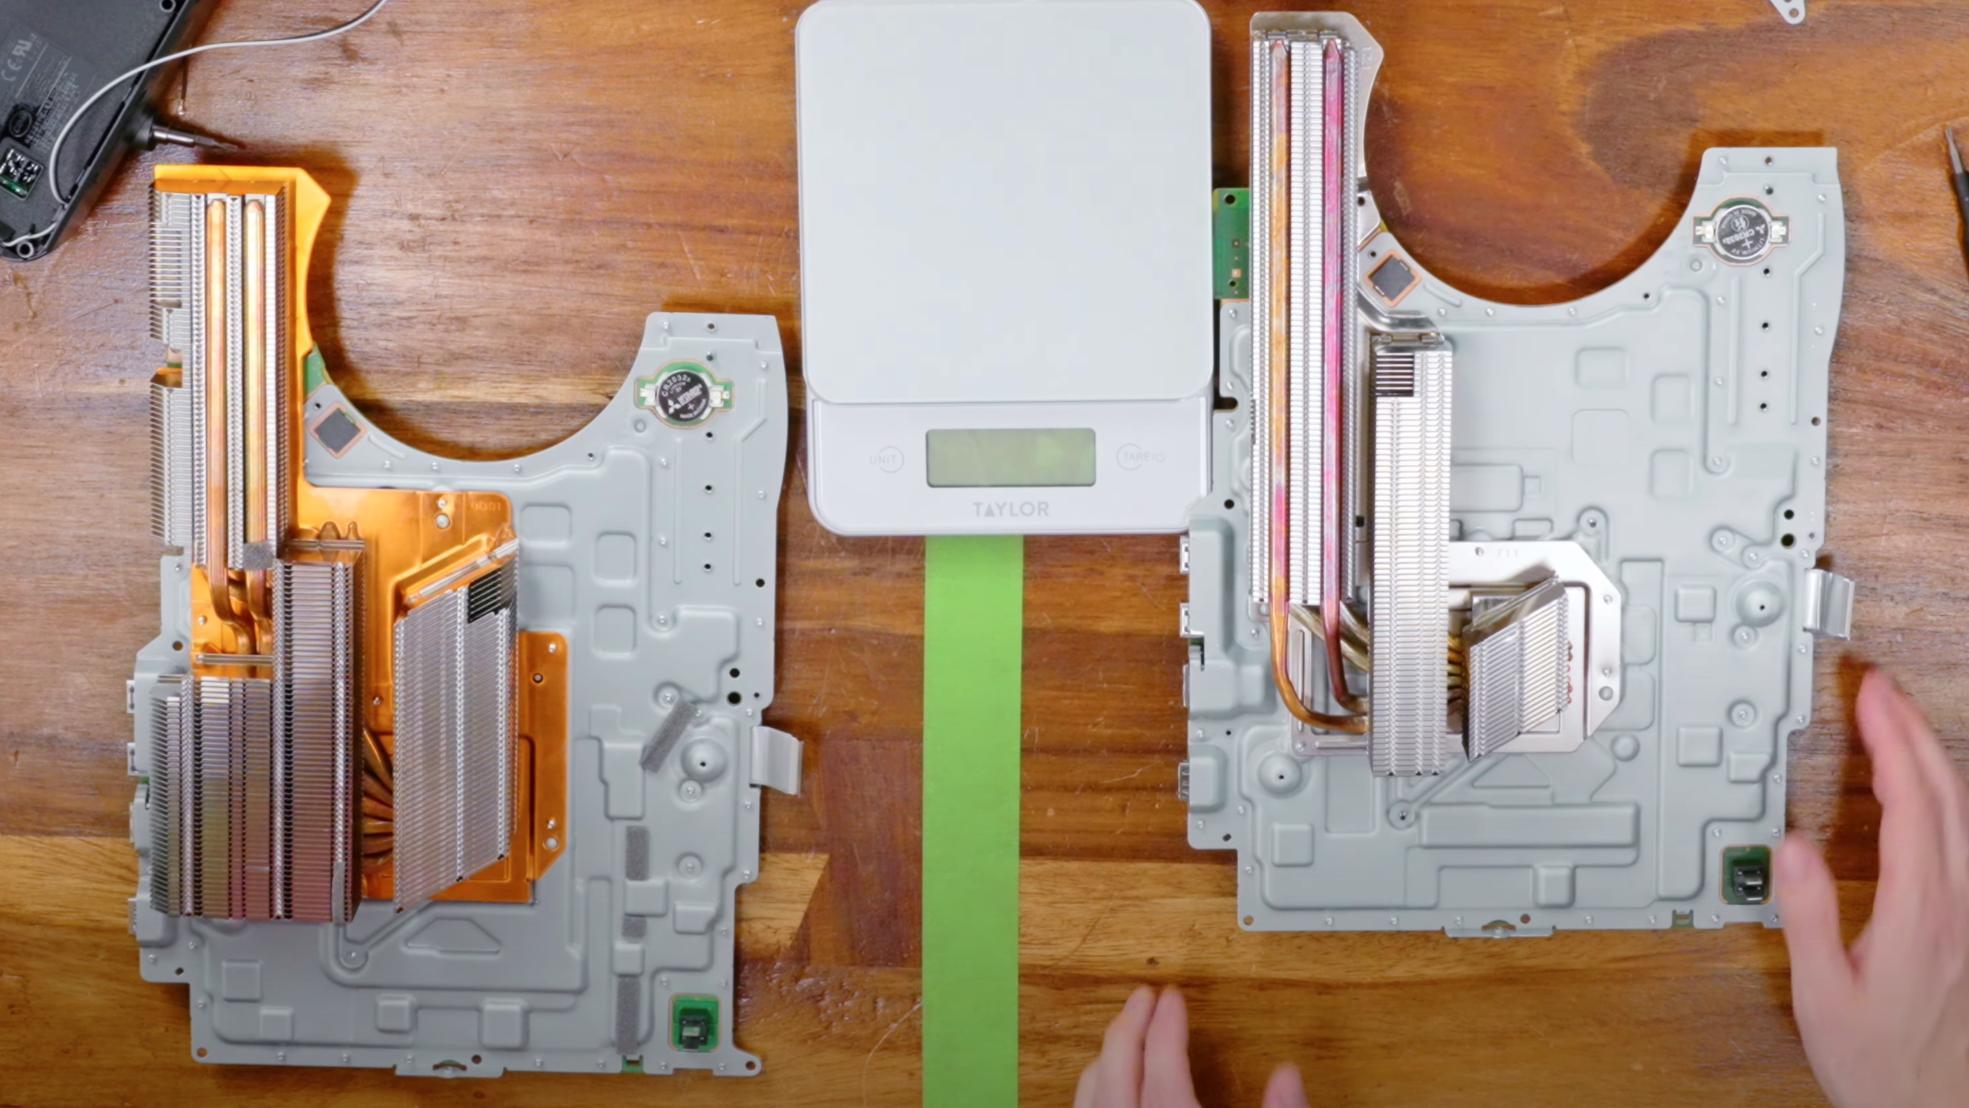 Den opprinnelige Playstation 5-versjonen til venstre, den nye til høyre. Kjøleribbene ser ut til å være krympet betraktelig.